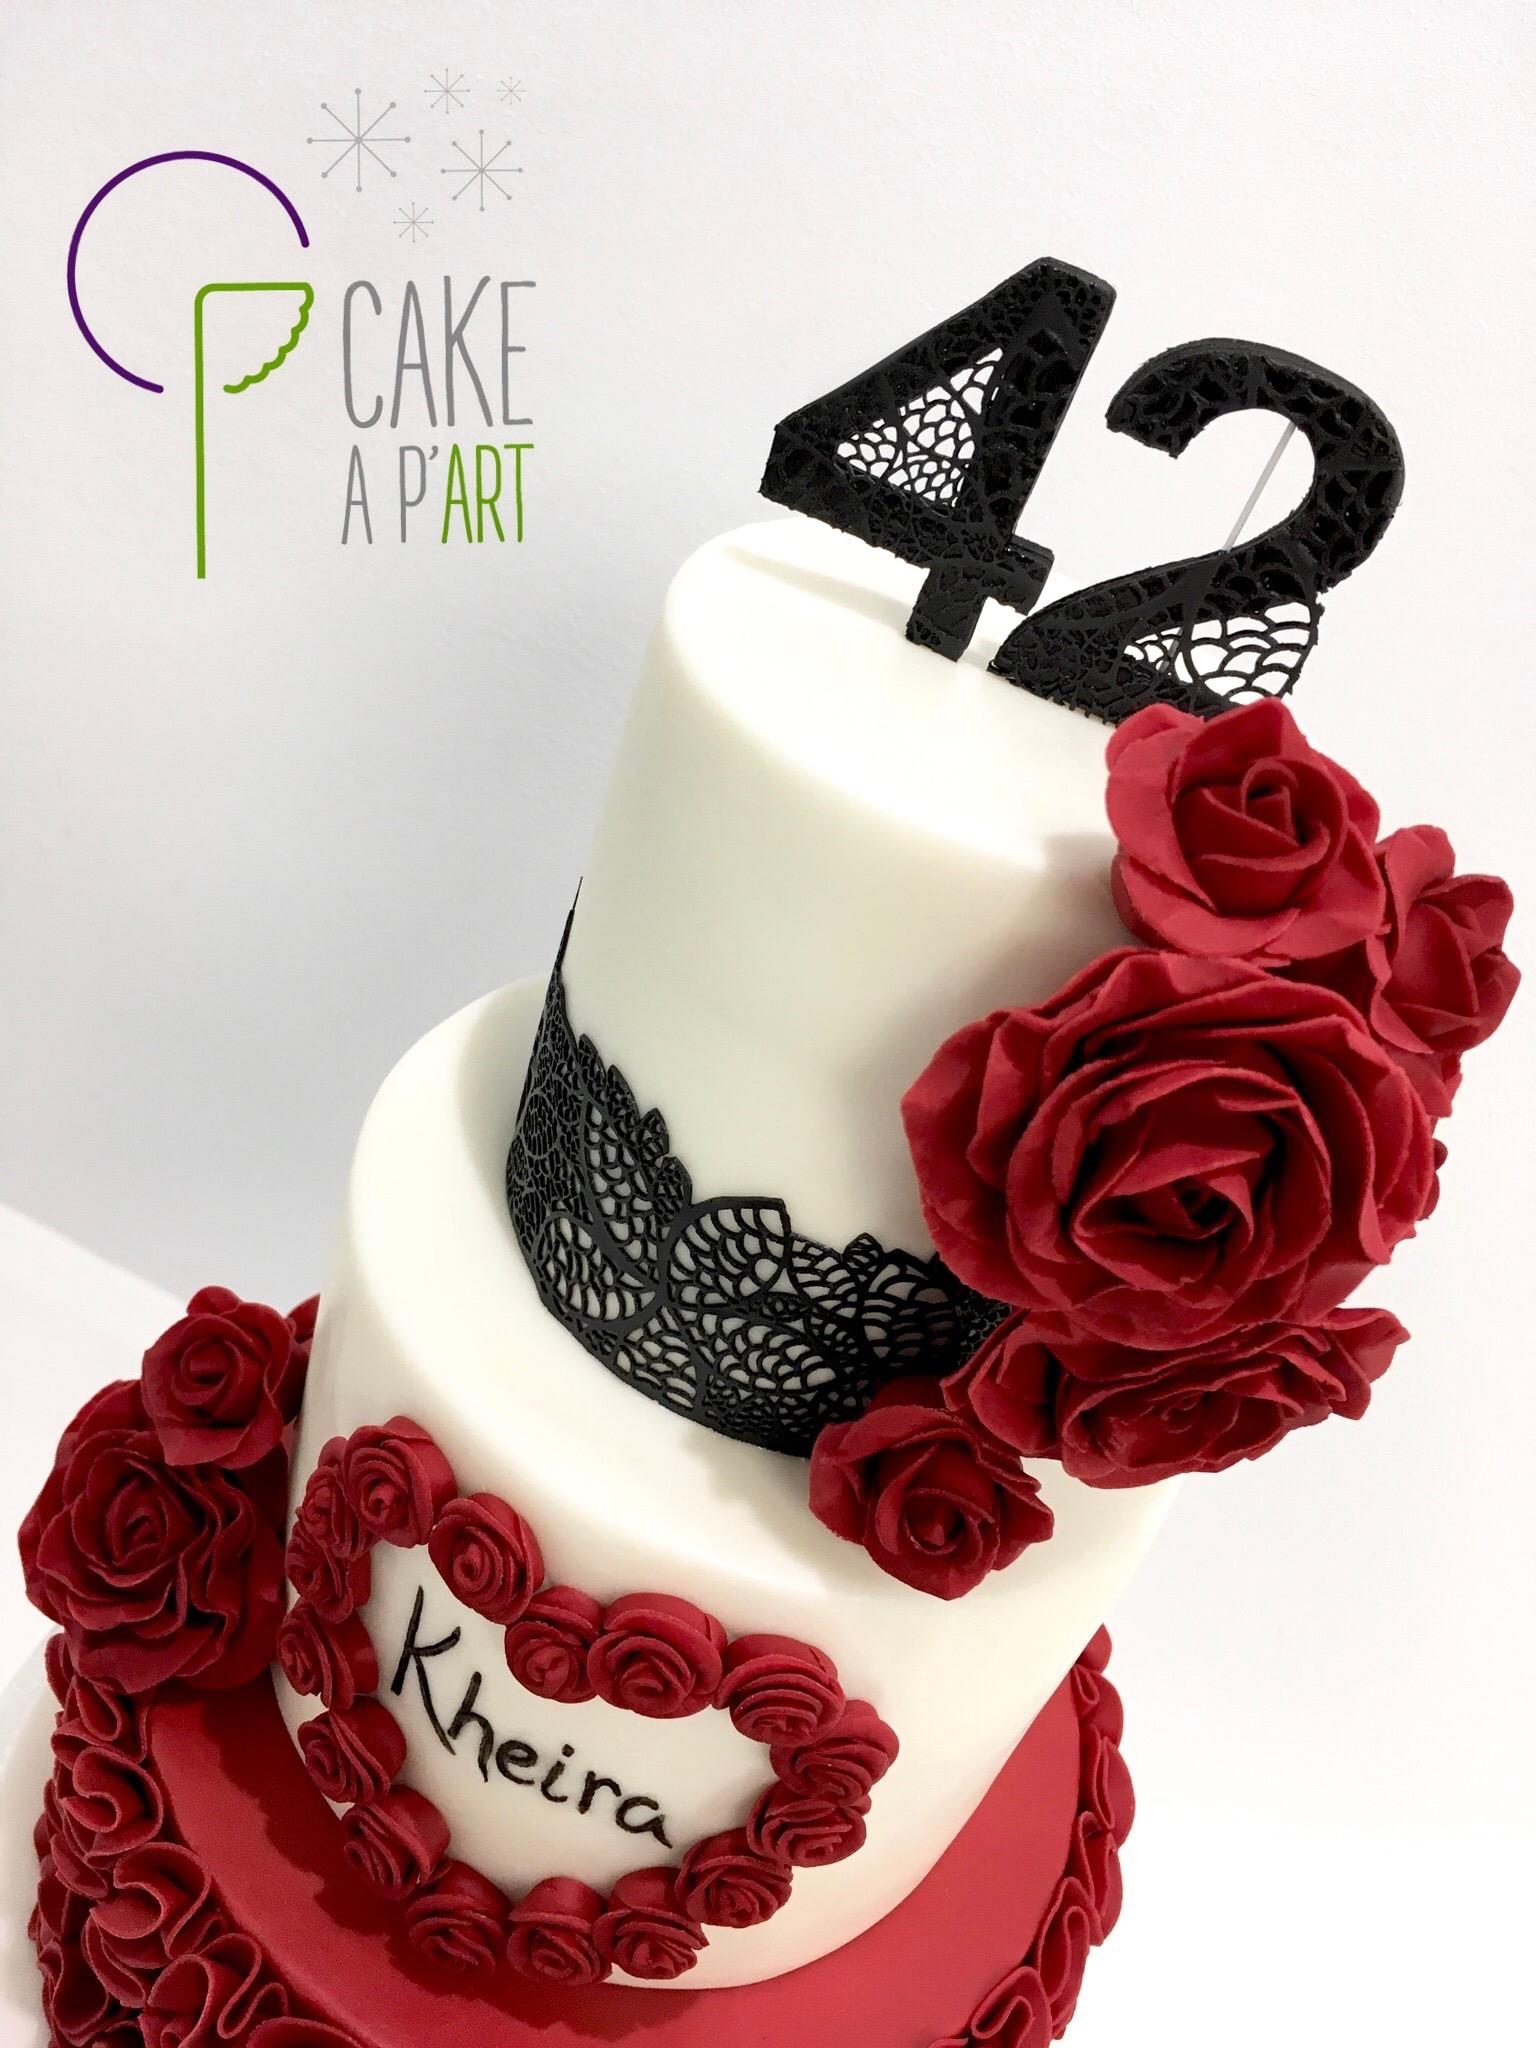 Décor en sucre gâteaux personnalisés - Mariage fleurs Roses rouges et dentelle